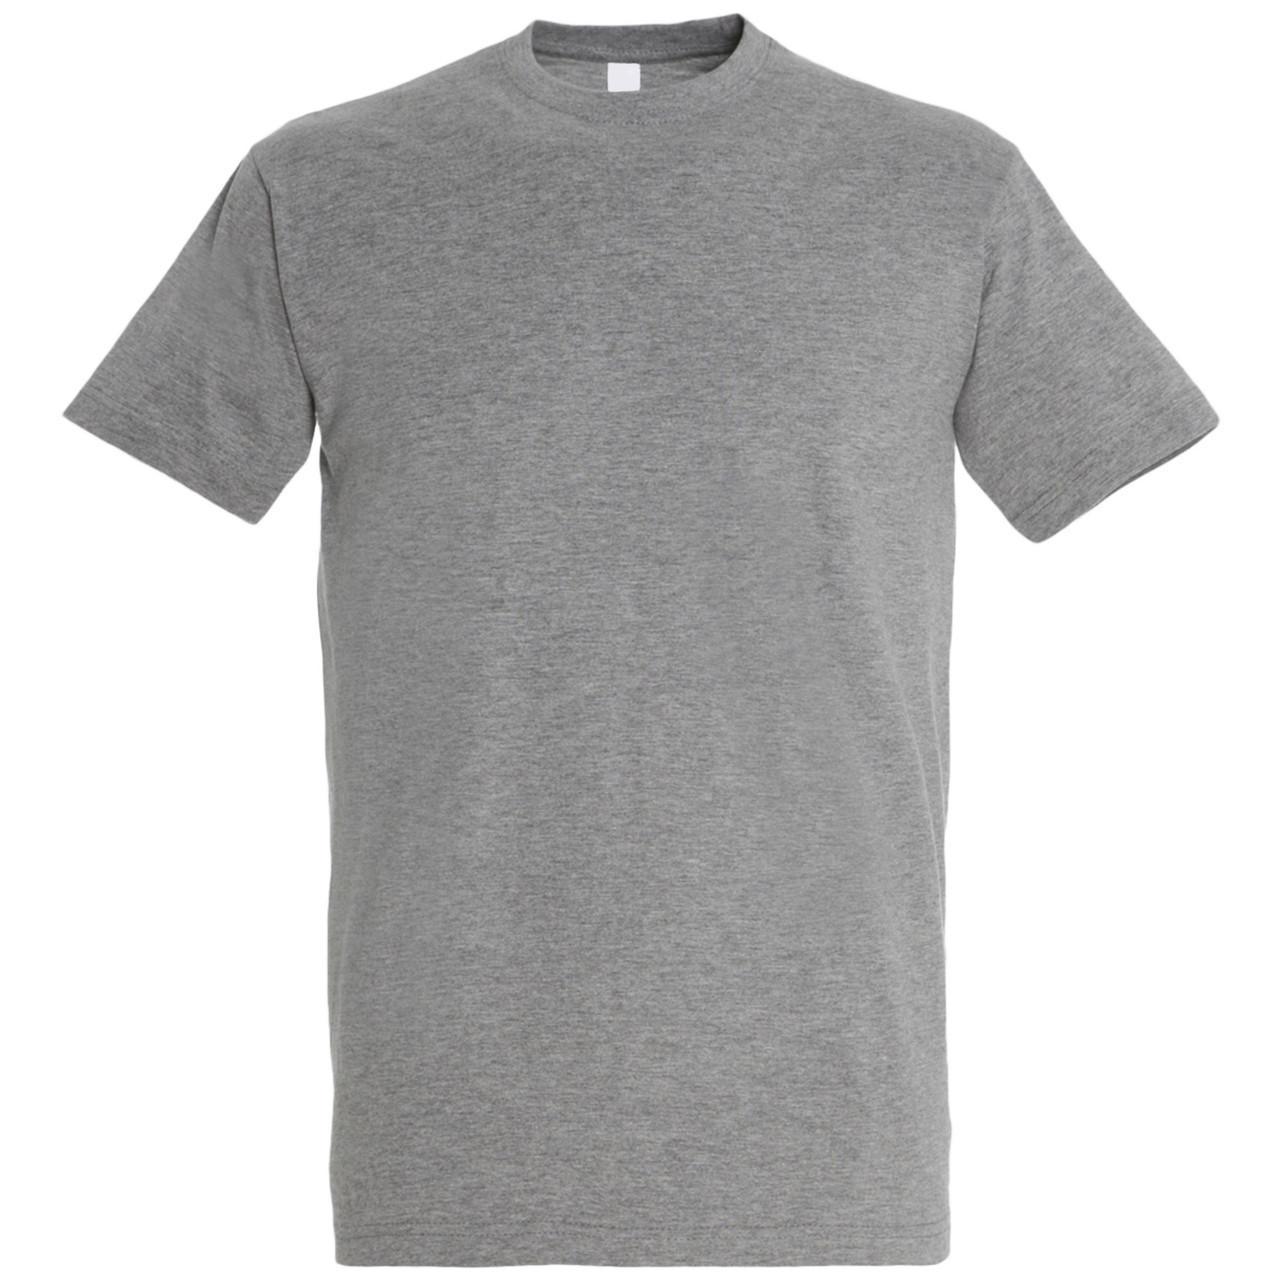 Oднотонная футболка | Серый меланж | 160 гр. | 2XL